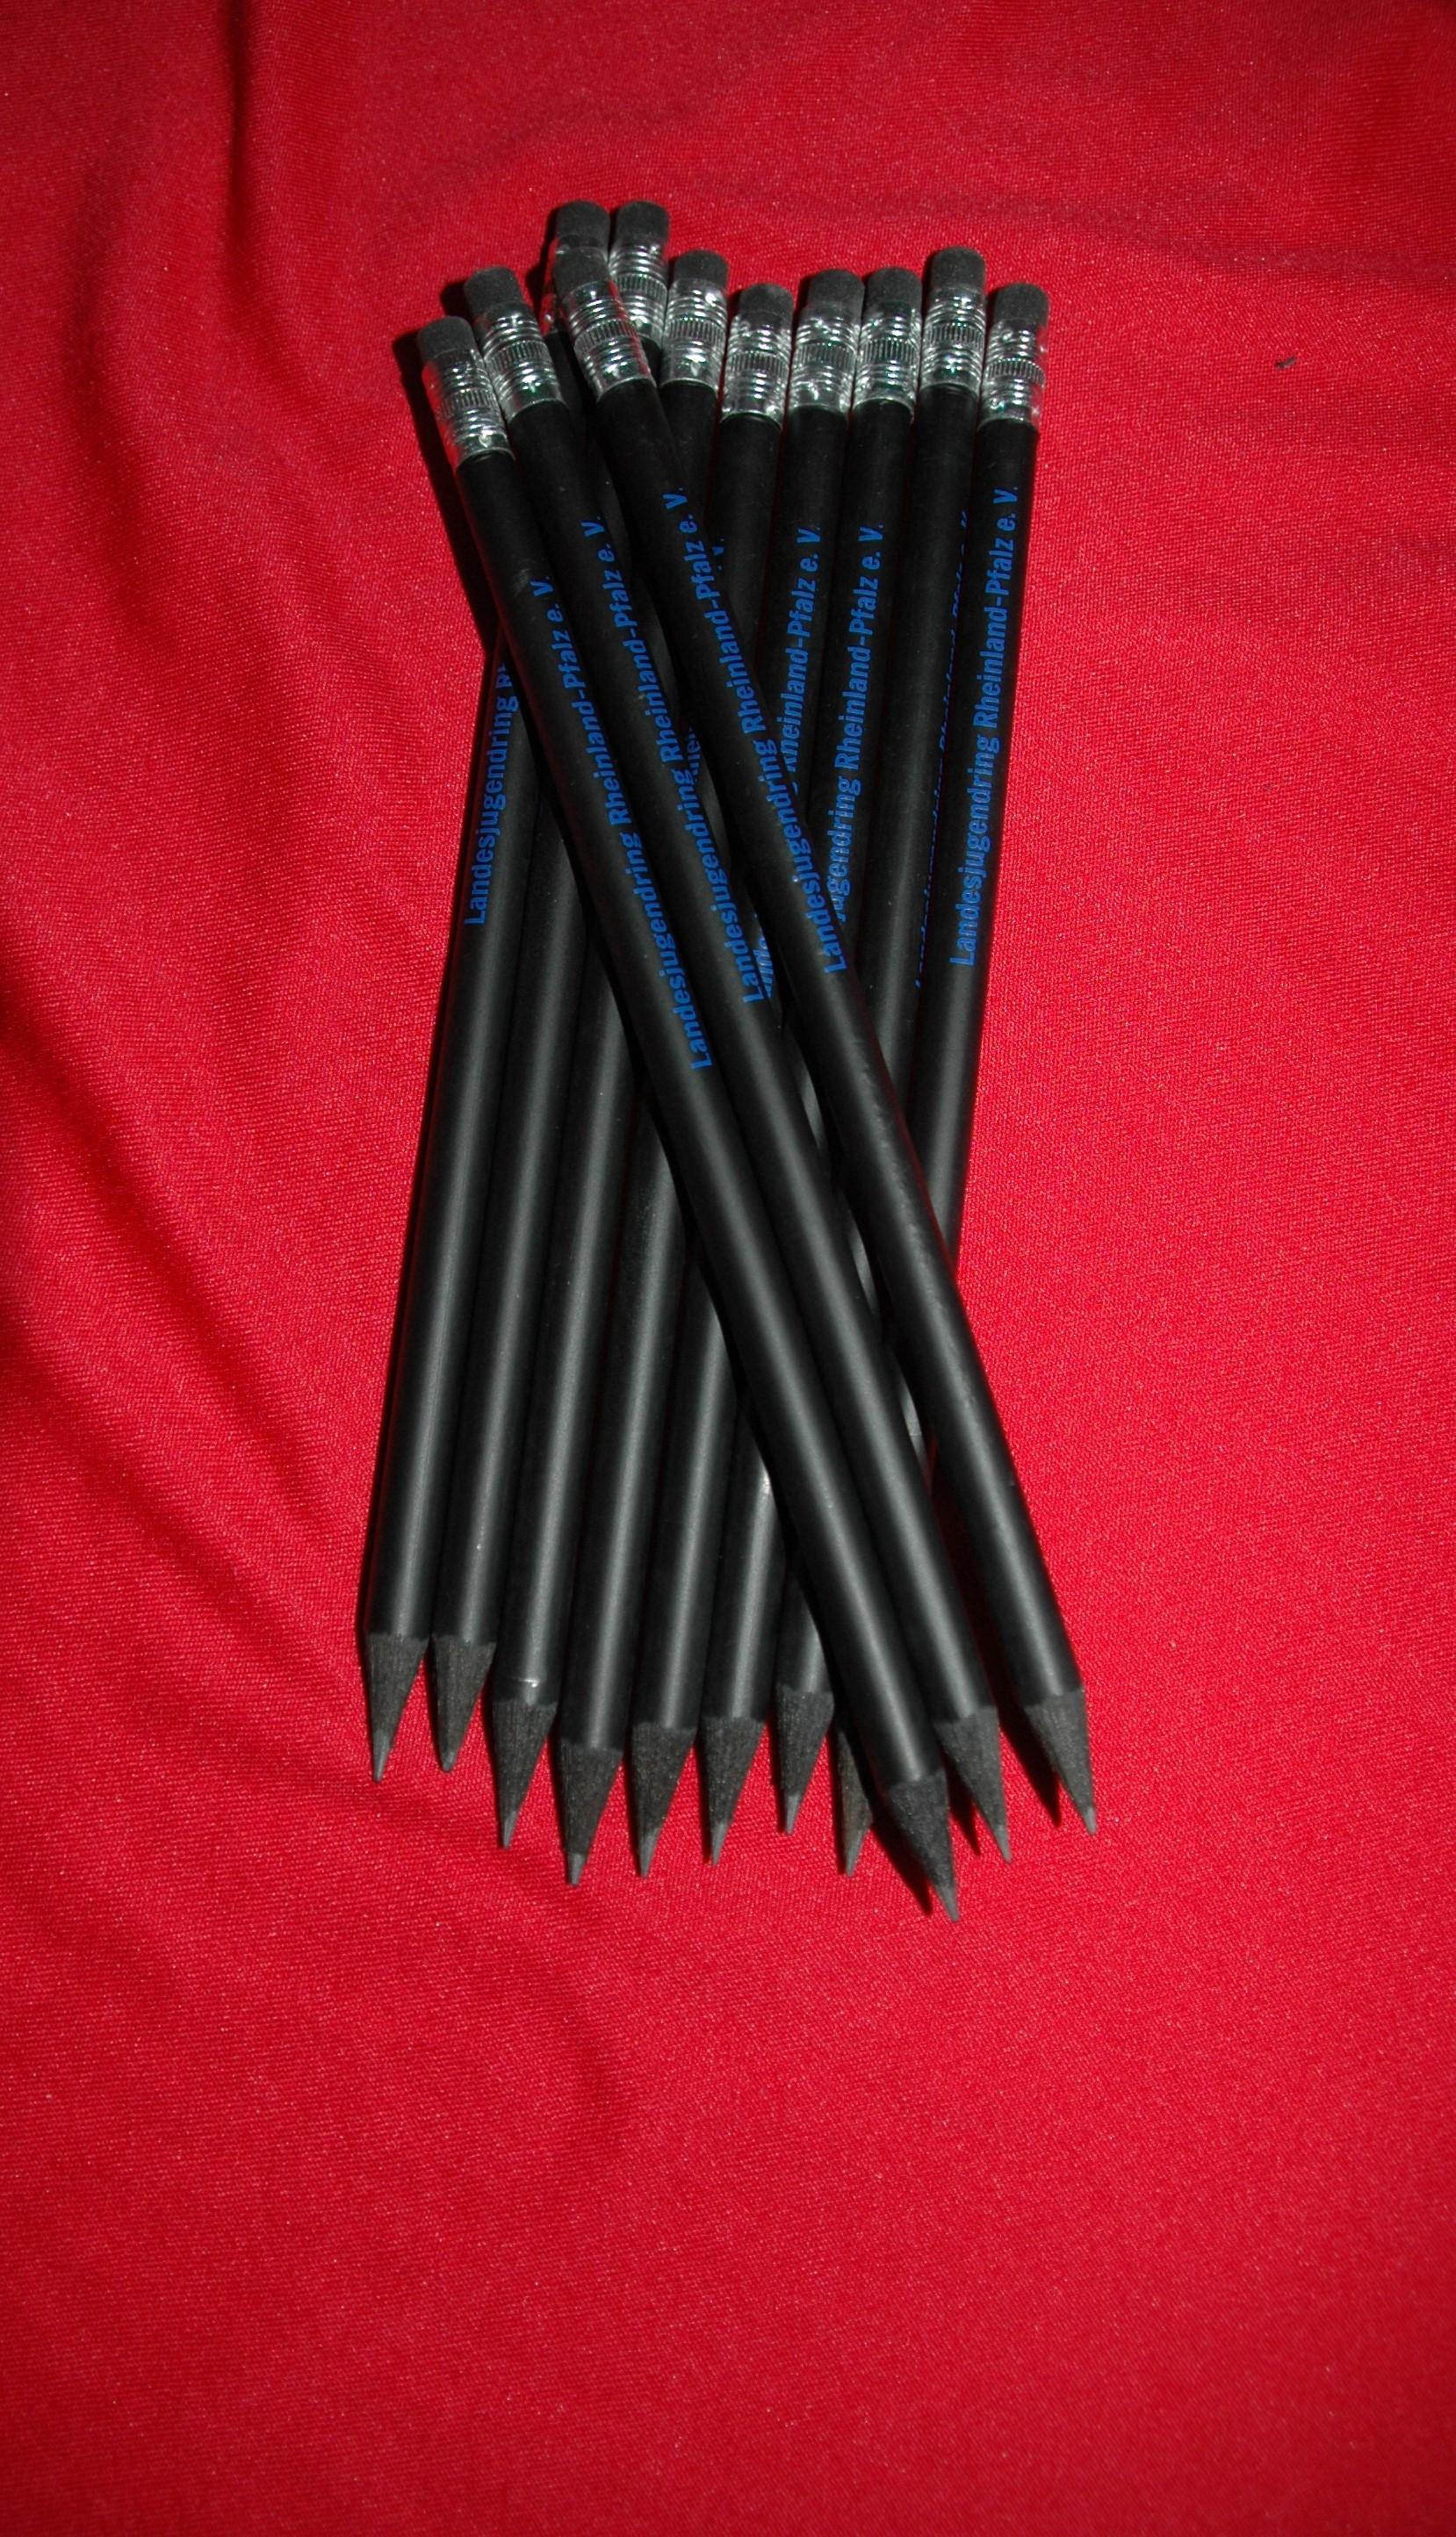 Bleistifte mit Landesjugendring Logo (Schwarz/Radiertip/FSC zertifiziert)